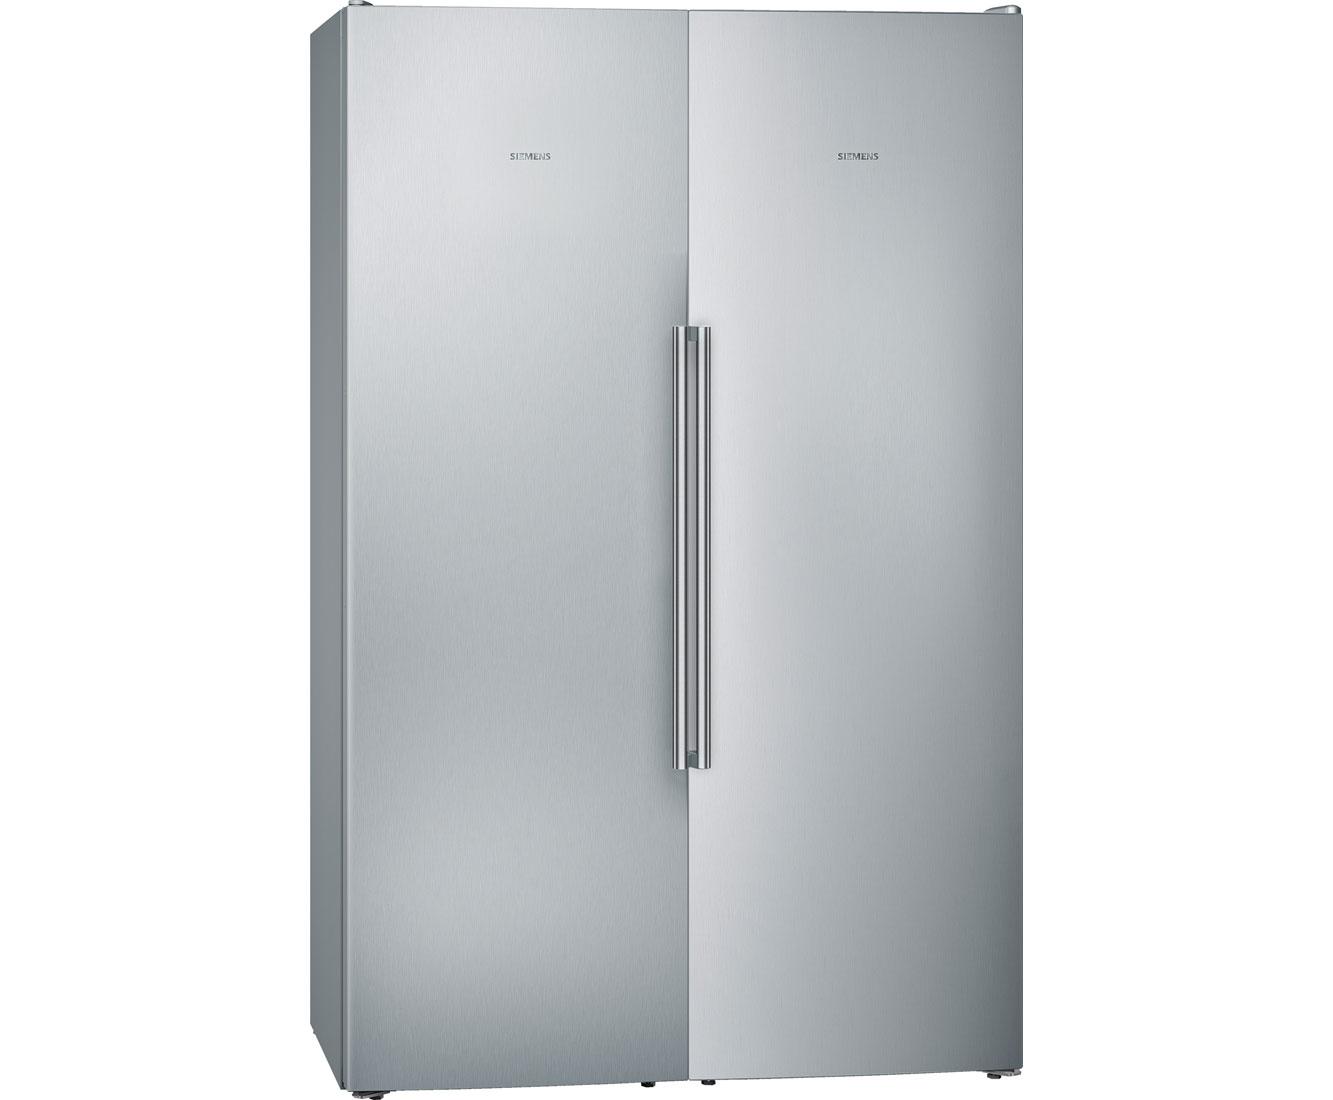 Lg Amerikanischer Kühlschrank Preis : Side by side kühlschrank preisvergleich u2022 die besten angebote online